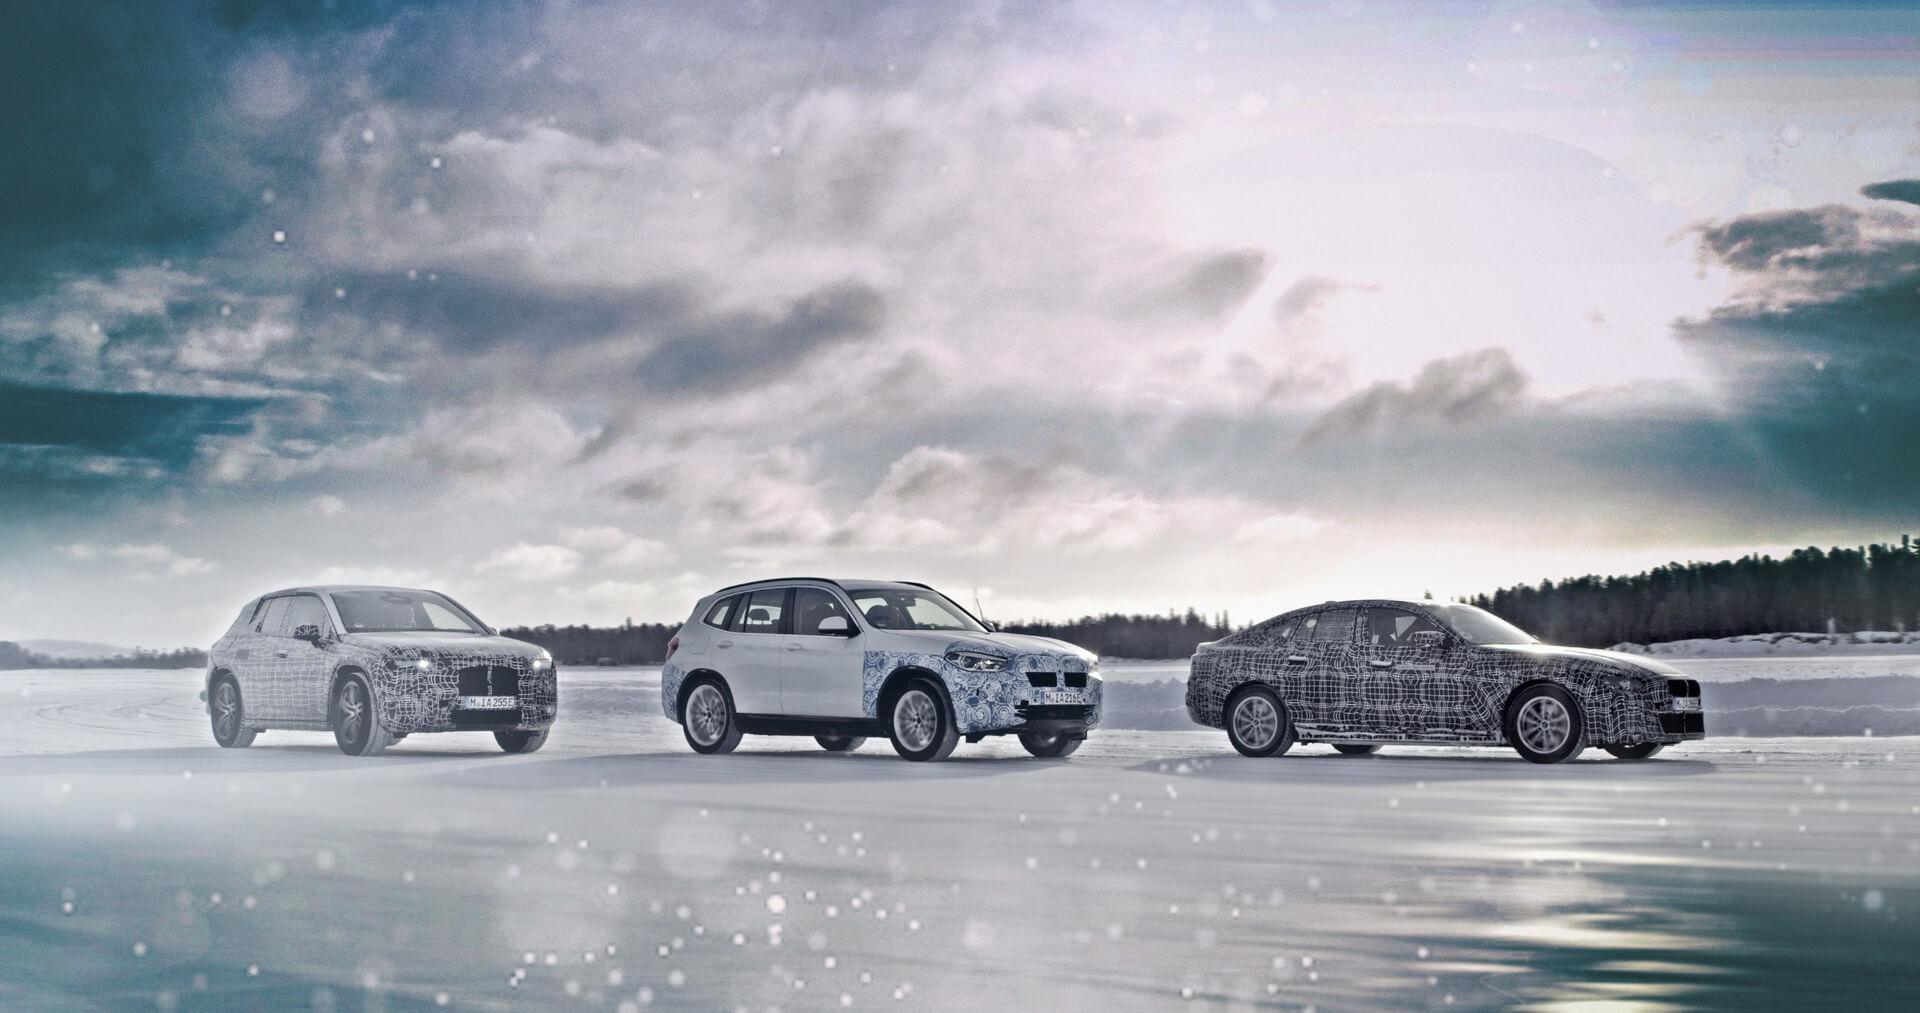 BMW iX3, BMW i4 и BMW iNEXT проходят испытания холодом за Полярным кругом